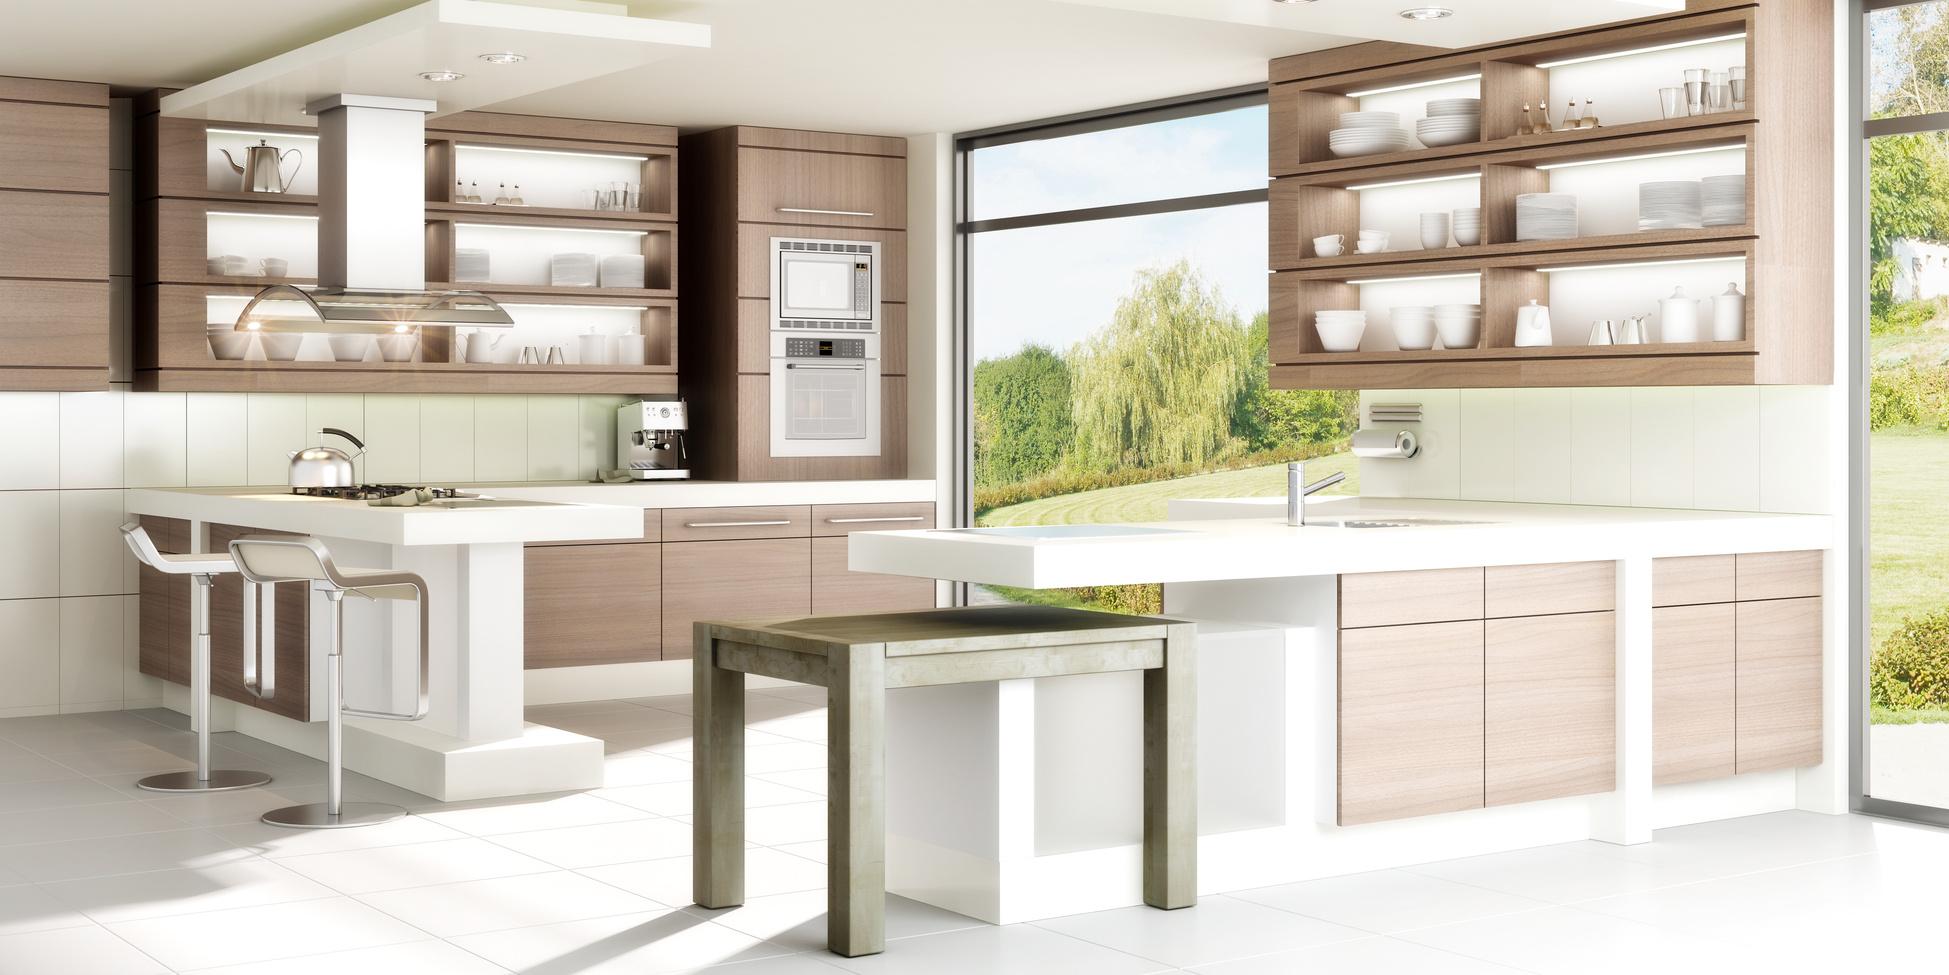 Musterhaus küchen fachgeschäft lied  Küchenfronten Selbst Bauen: Leicht küchen ersatzteile oxquatro.com ...